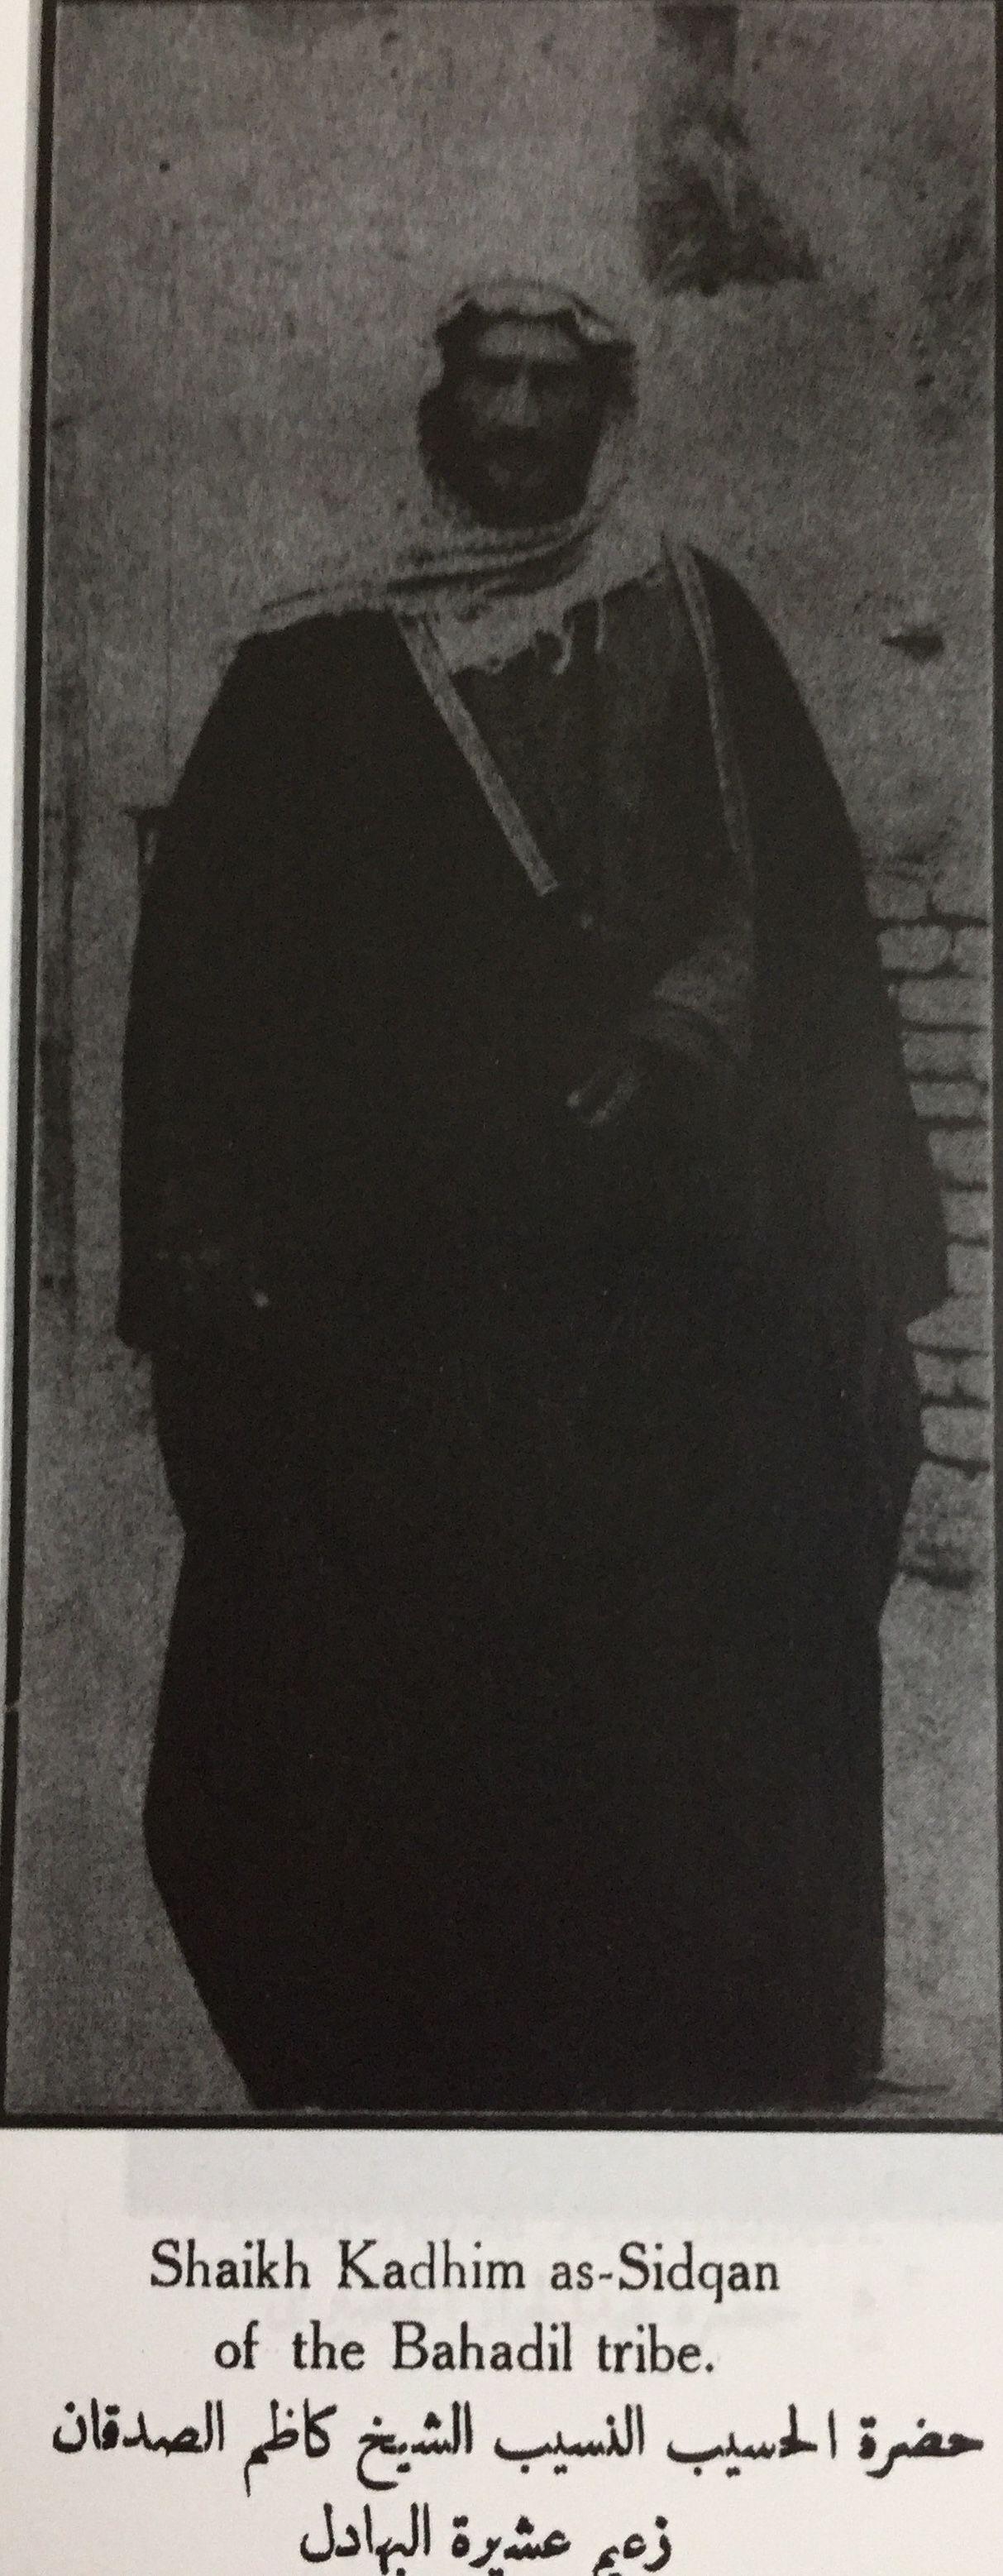 الشيخ كاظم السدخان زعيم قبيلة البهادل Historical Figures Historical Tribe